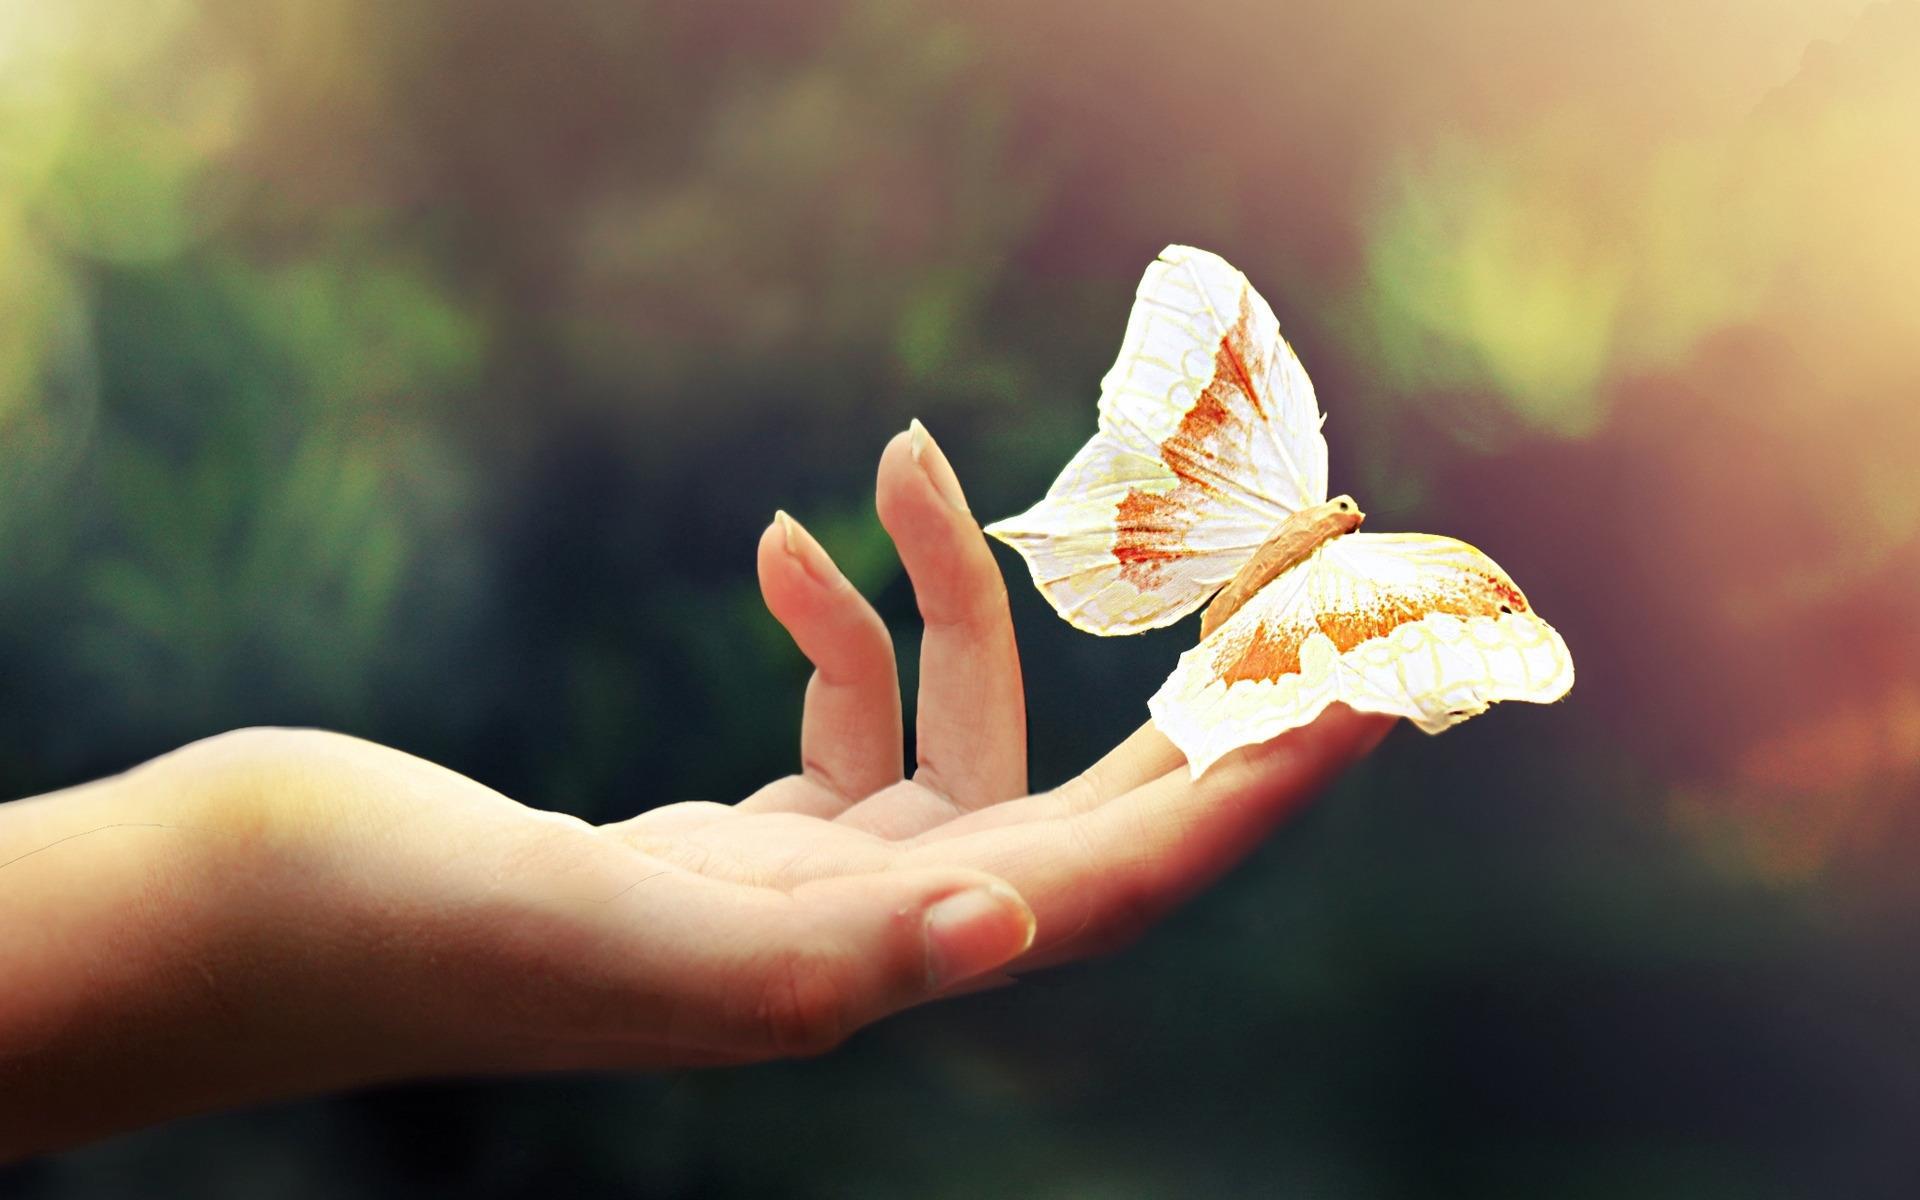 Mujer - Mano - Mariposa